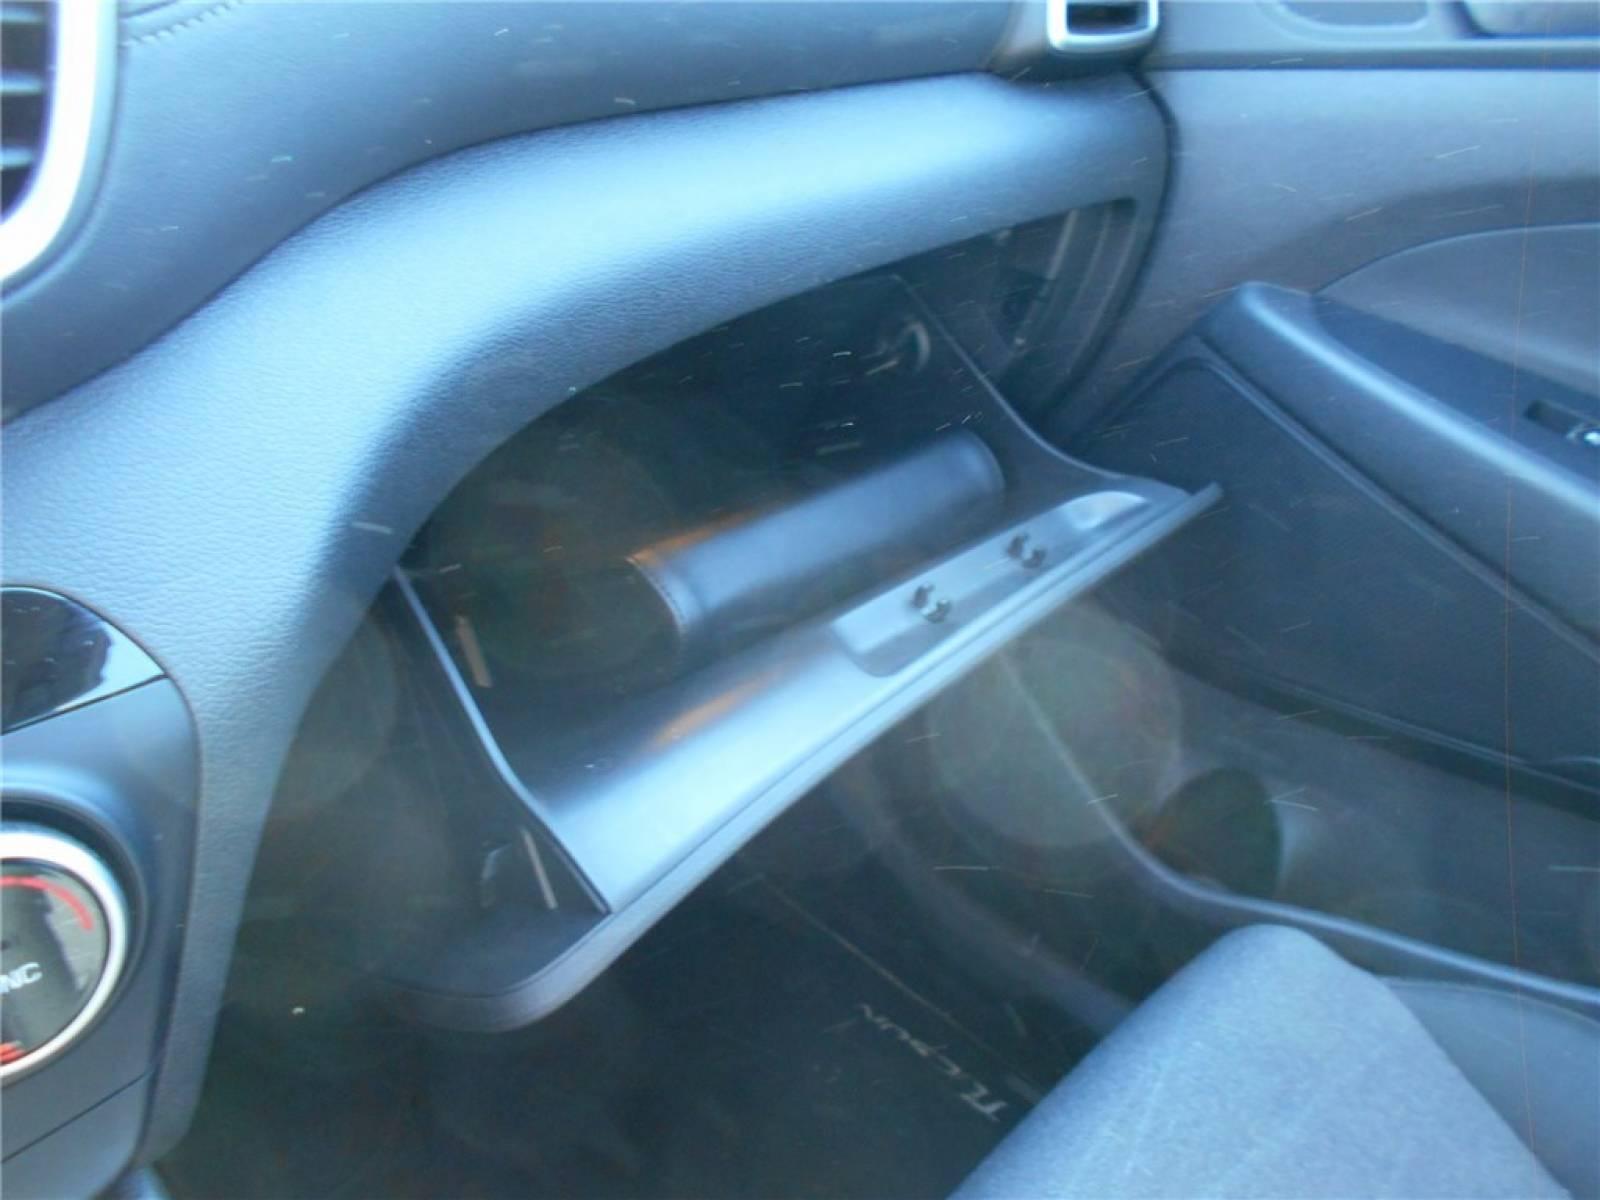 HYUNDAI Tucson 1.6 CRDi 136 - véhicule d'occasion - Groupe Guillet - Chalon Automobiles - 71100 - Chalon-sur-Saône - 20